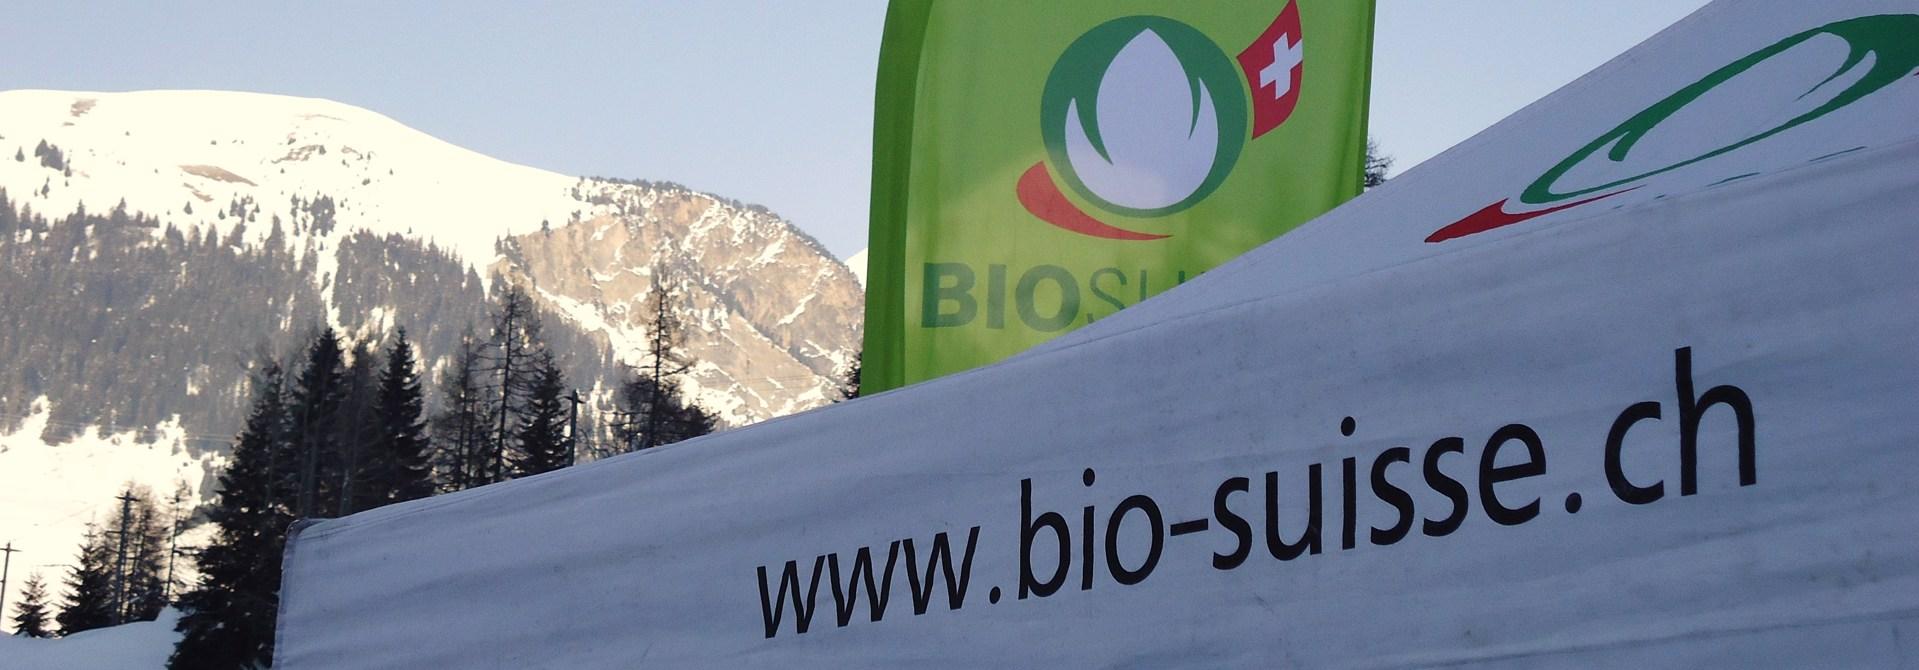 Neue Richtlinien fu00fcrs 2020 (Bild: Bio Suisse)>